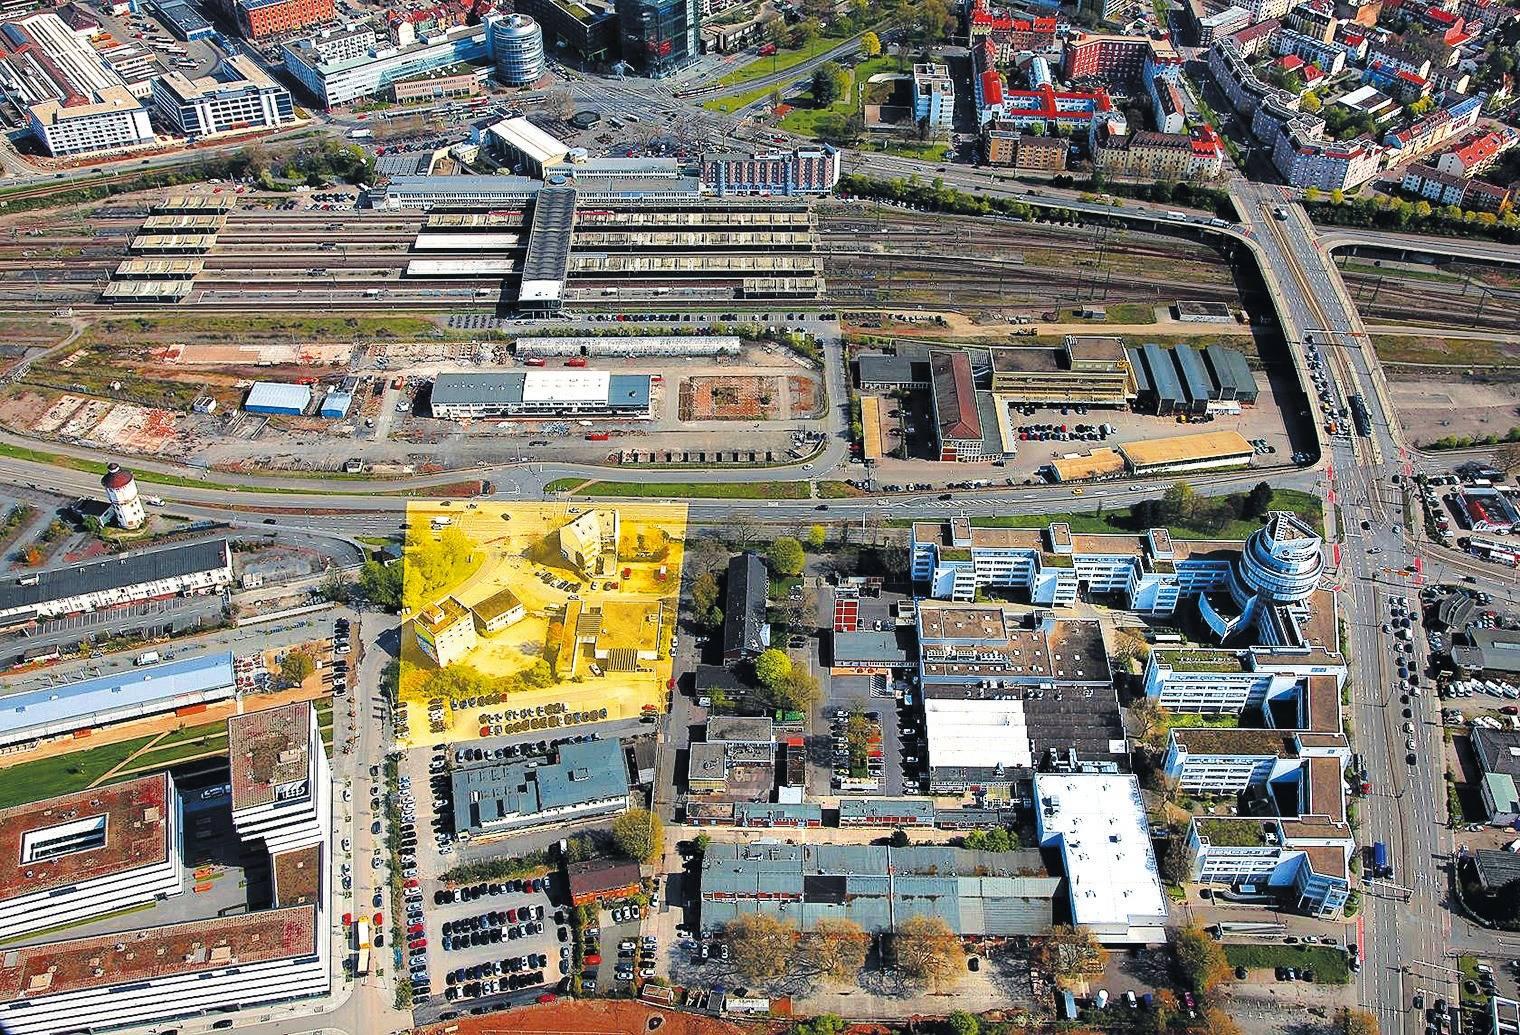 Architekten Heidelberg kongresszentrum heidelberg architekten wollen in den